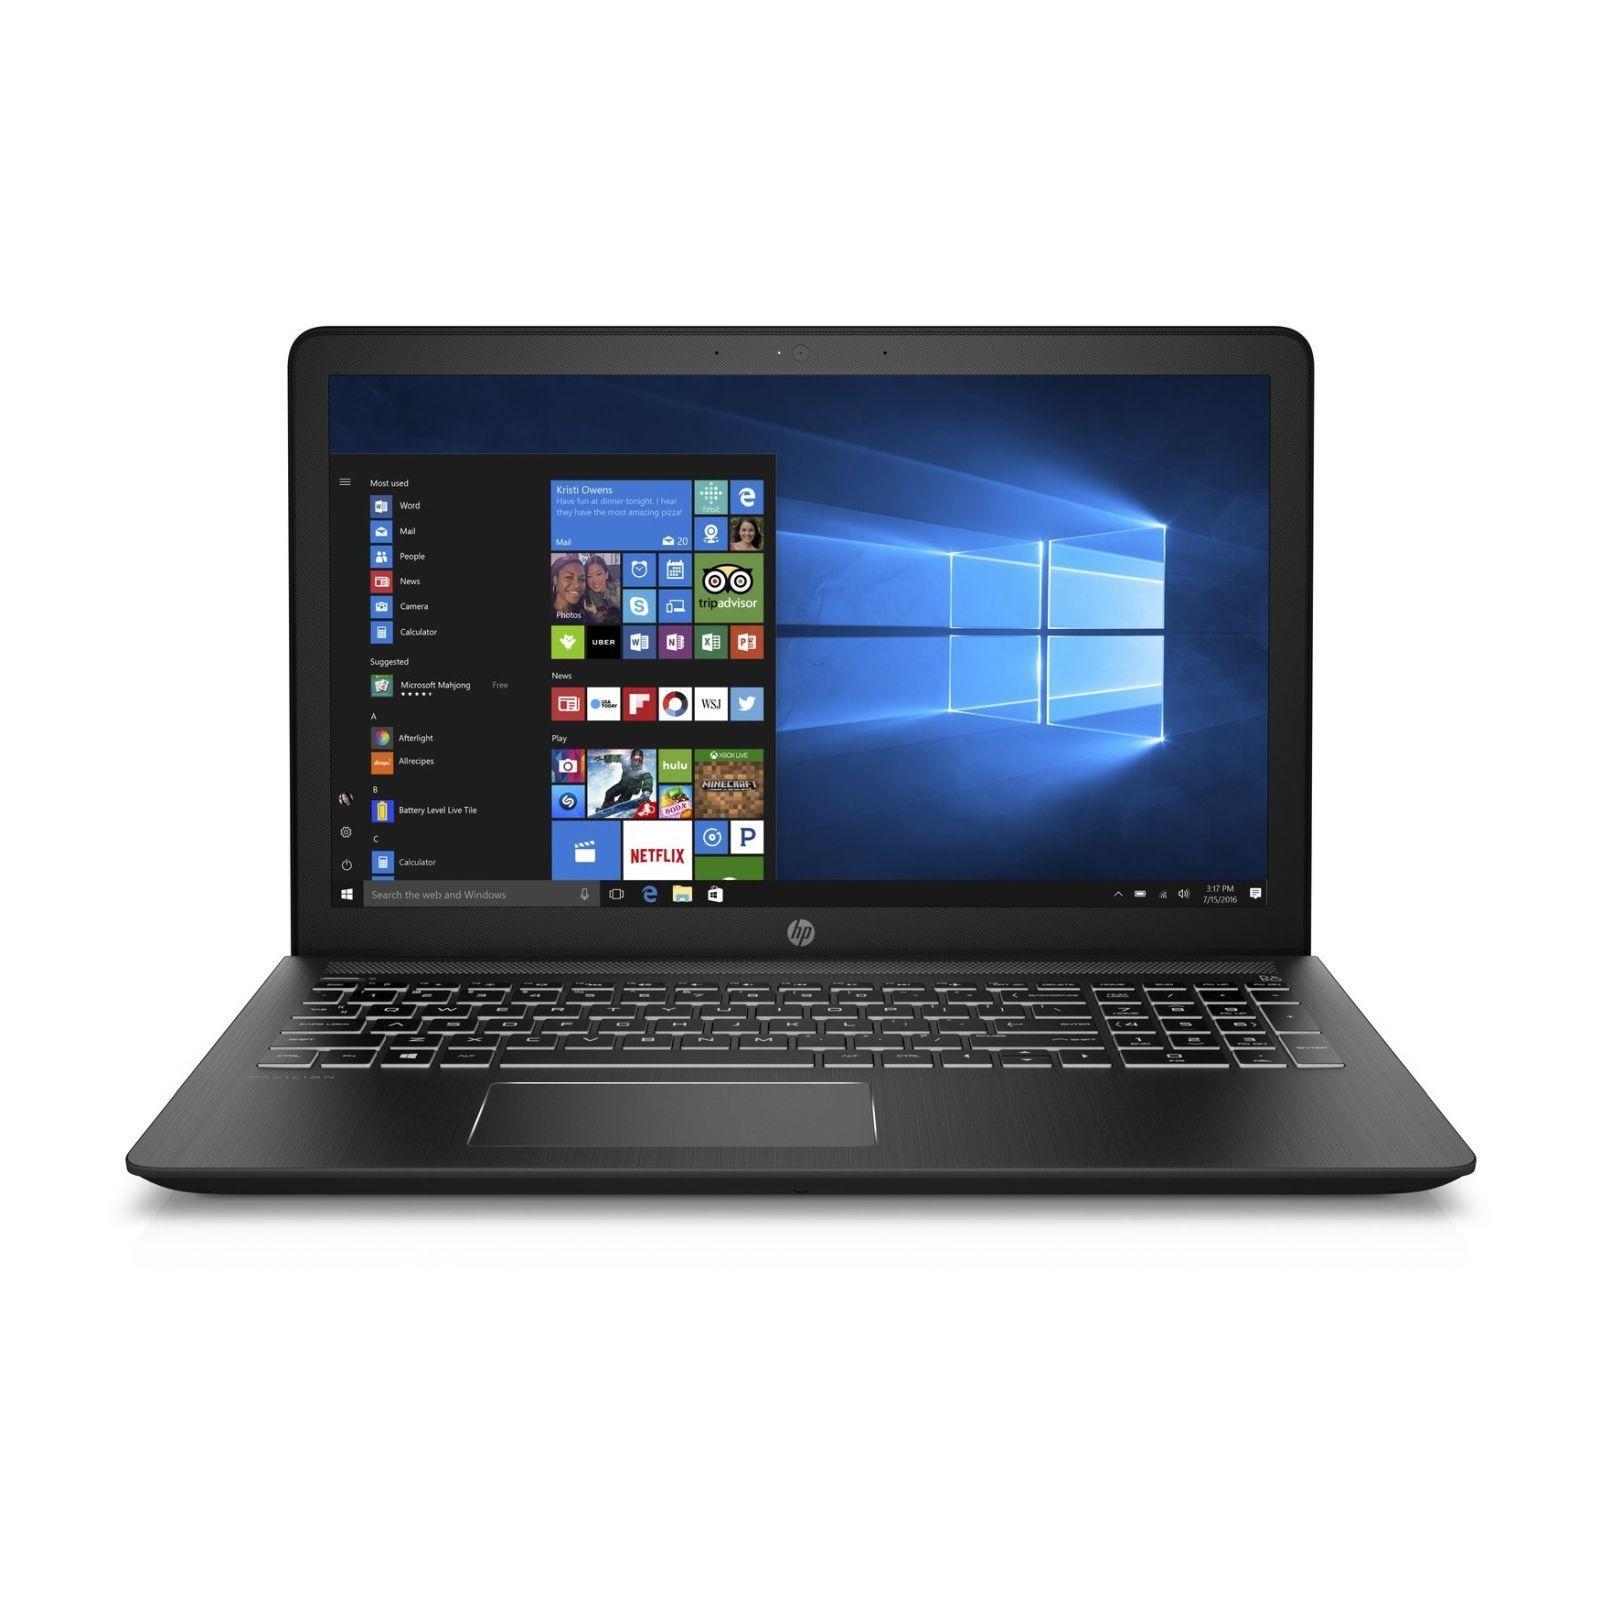 HP 15-CB092TX PAV POWER 15-CB092TX (2GD89PA) 15.6 IN INTEL CORE I7-7700HQ 8GB 1TB + 128GB SSD WIN 10